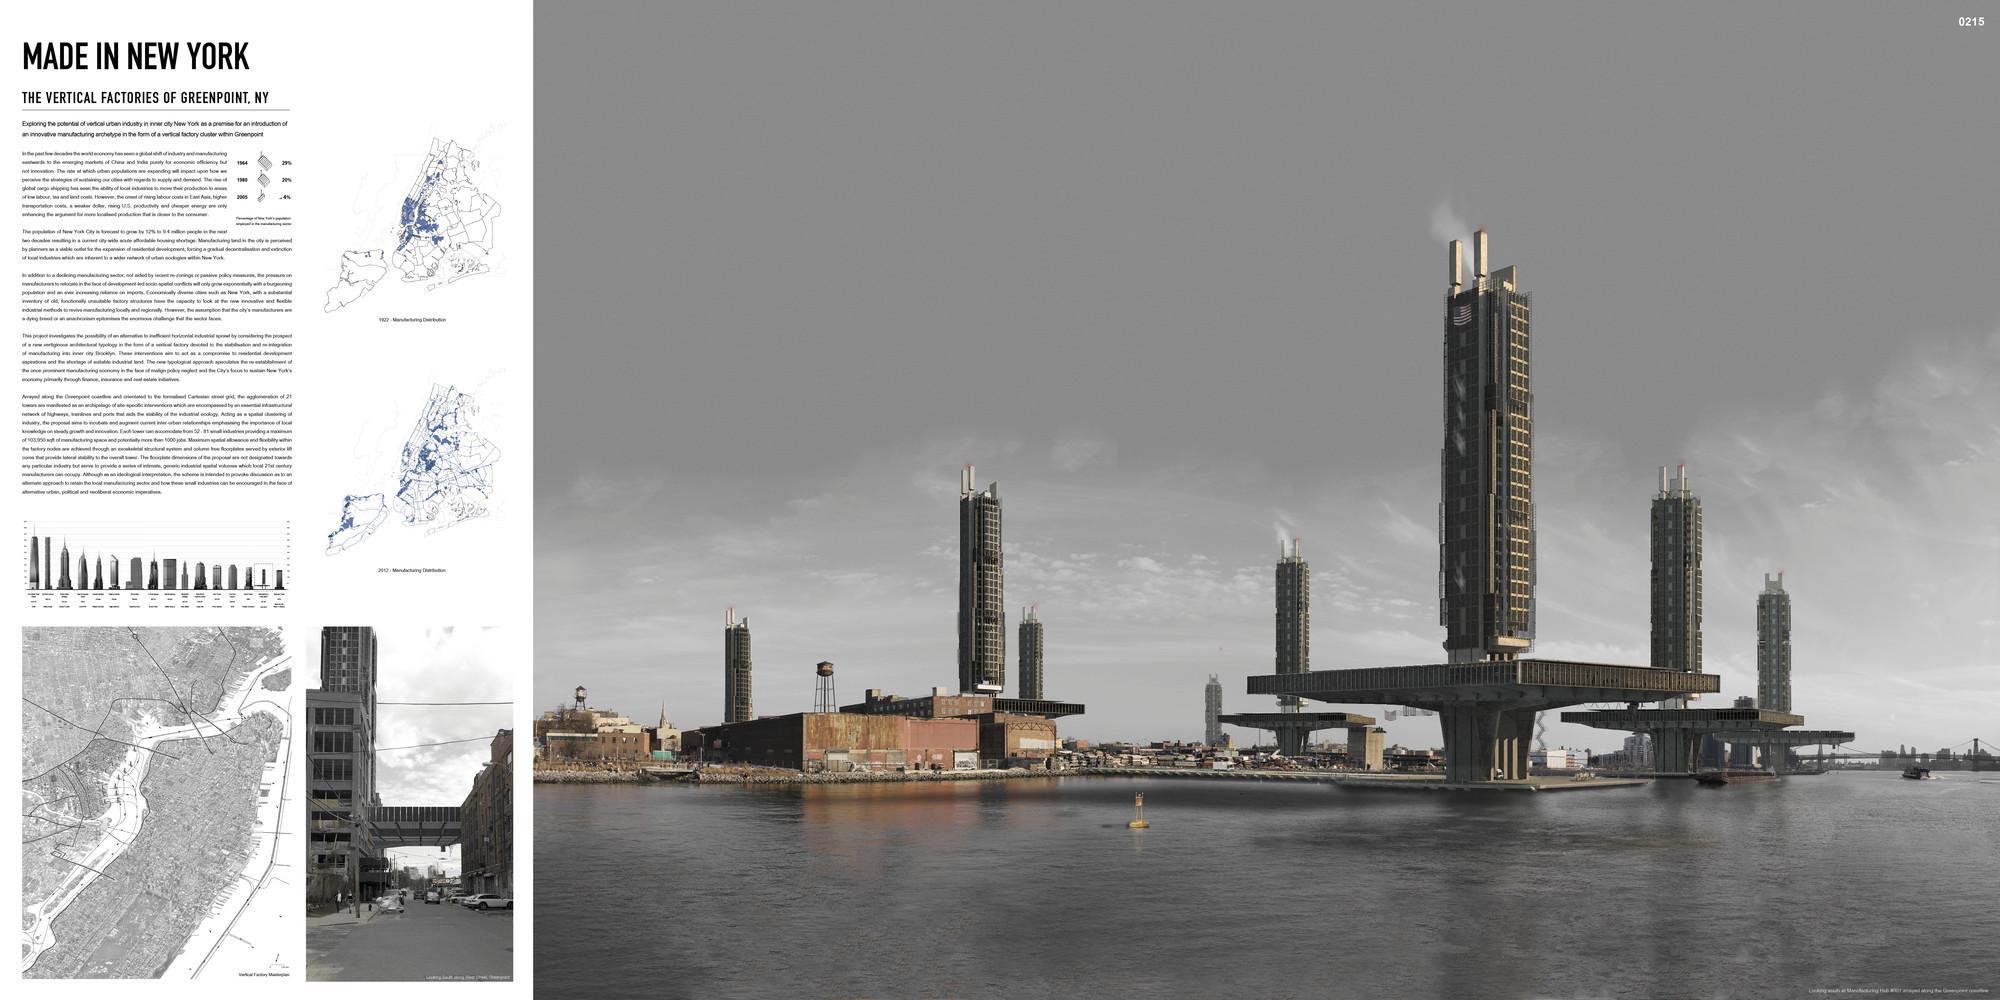 """Mención honrosa: """"Made in New York: The Vertical Cities of Greenport, NY"""" / Stuart Beattie .  Imagen cortesía de eVolo"""